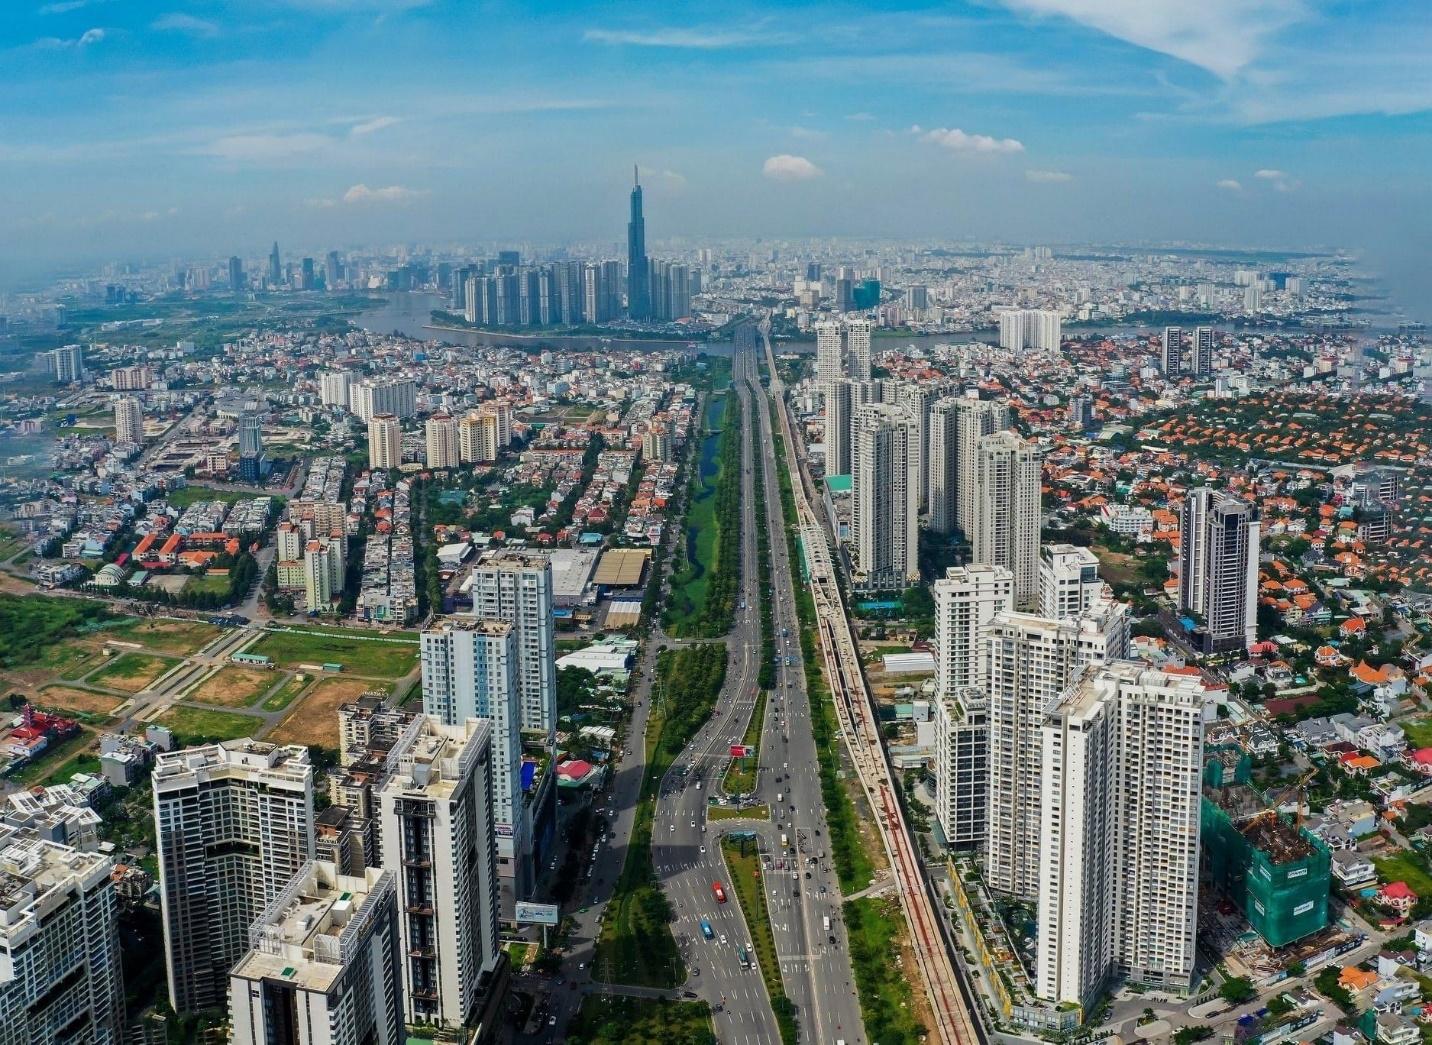 Thành phố Thủ Đức sẽ là một trong những điểm nóng đầu tư chính tại Thành phố Hồ Chí Minh